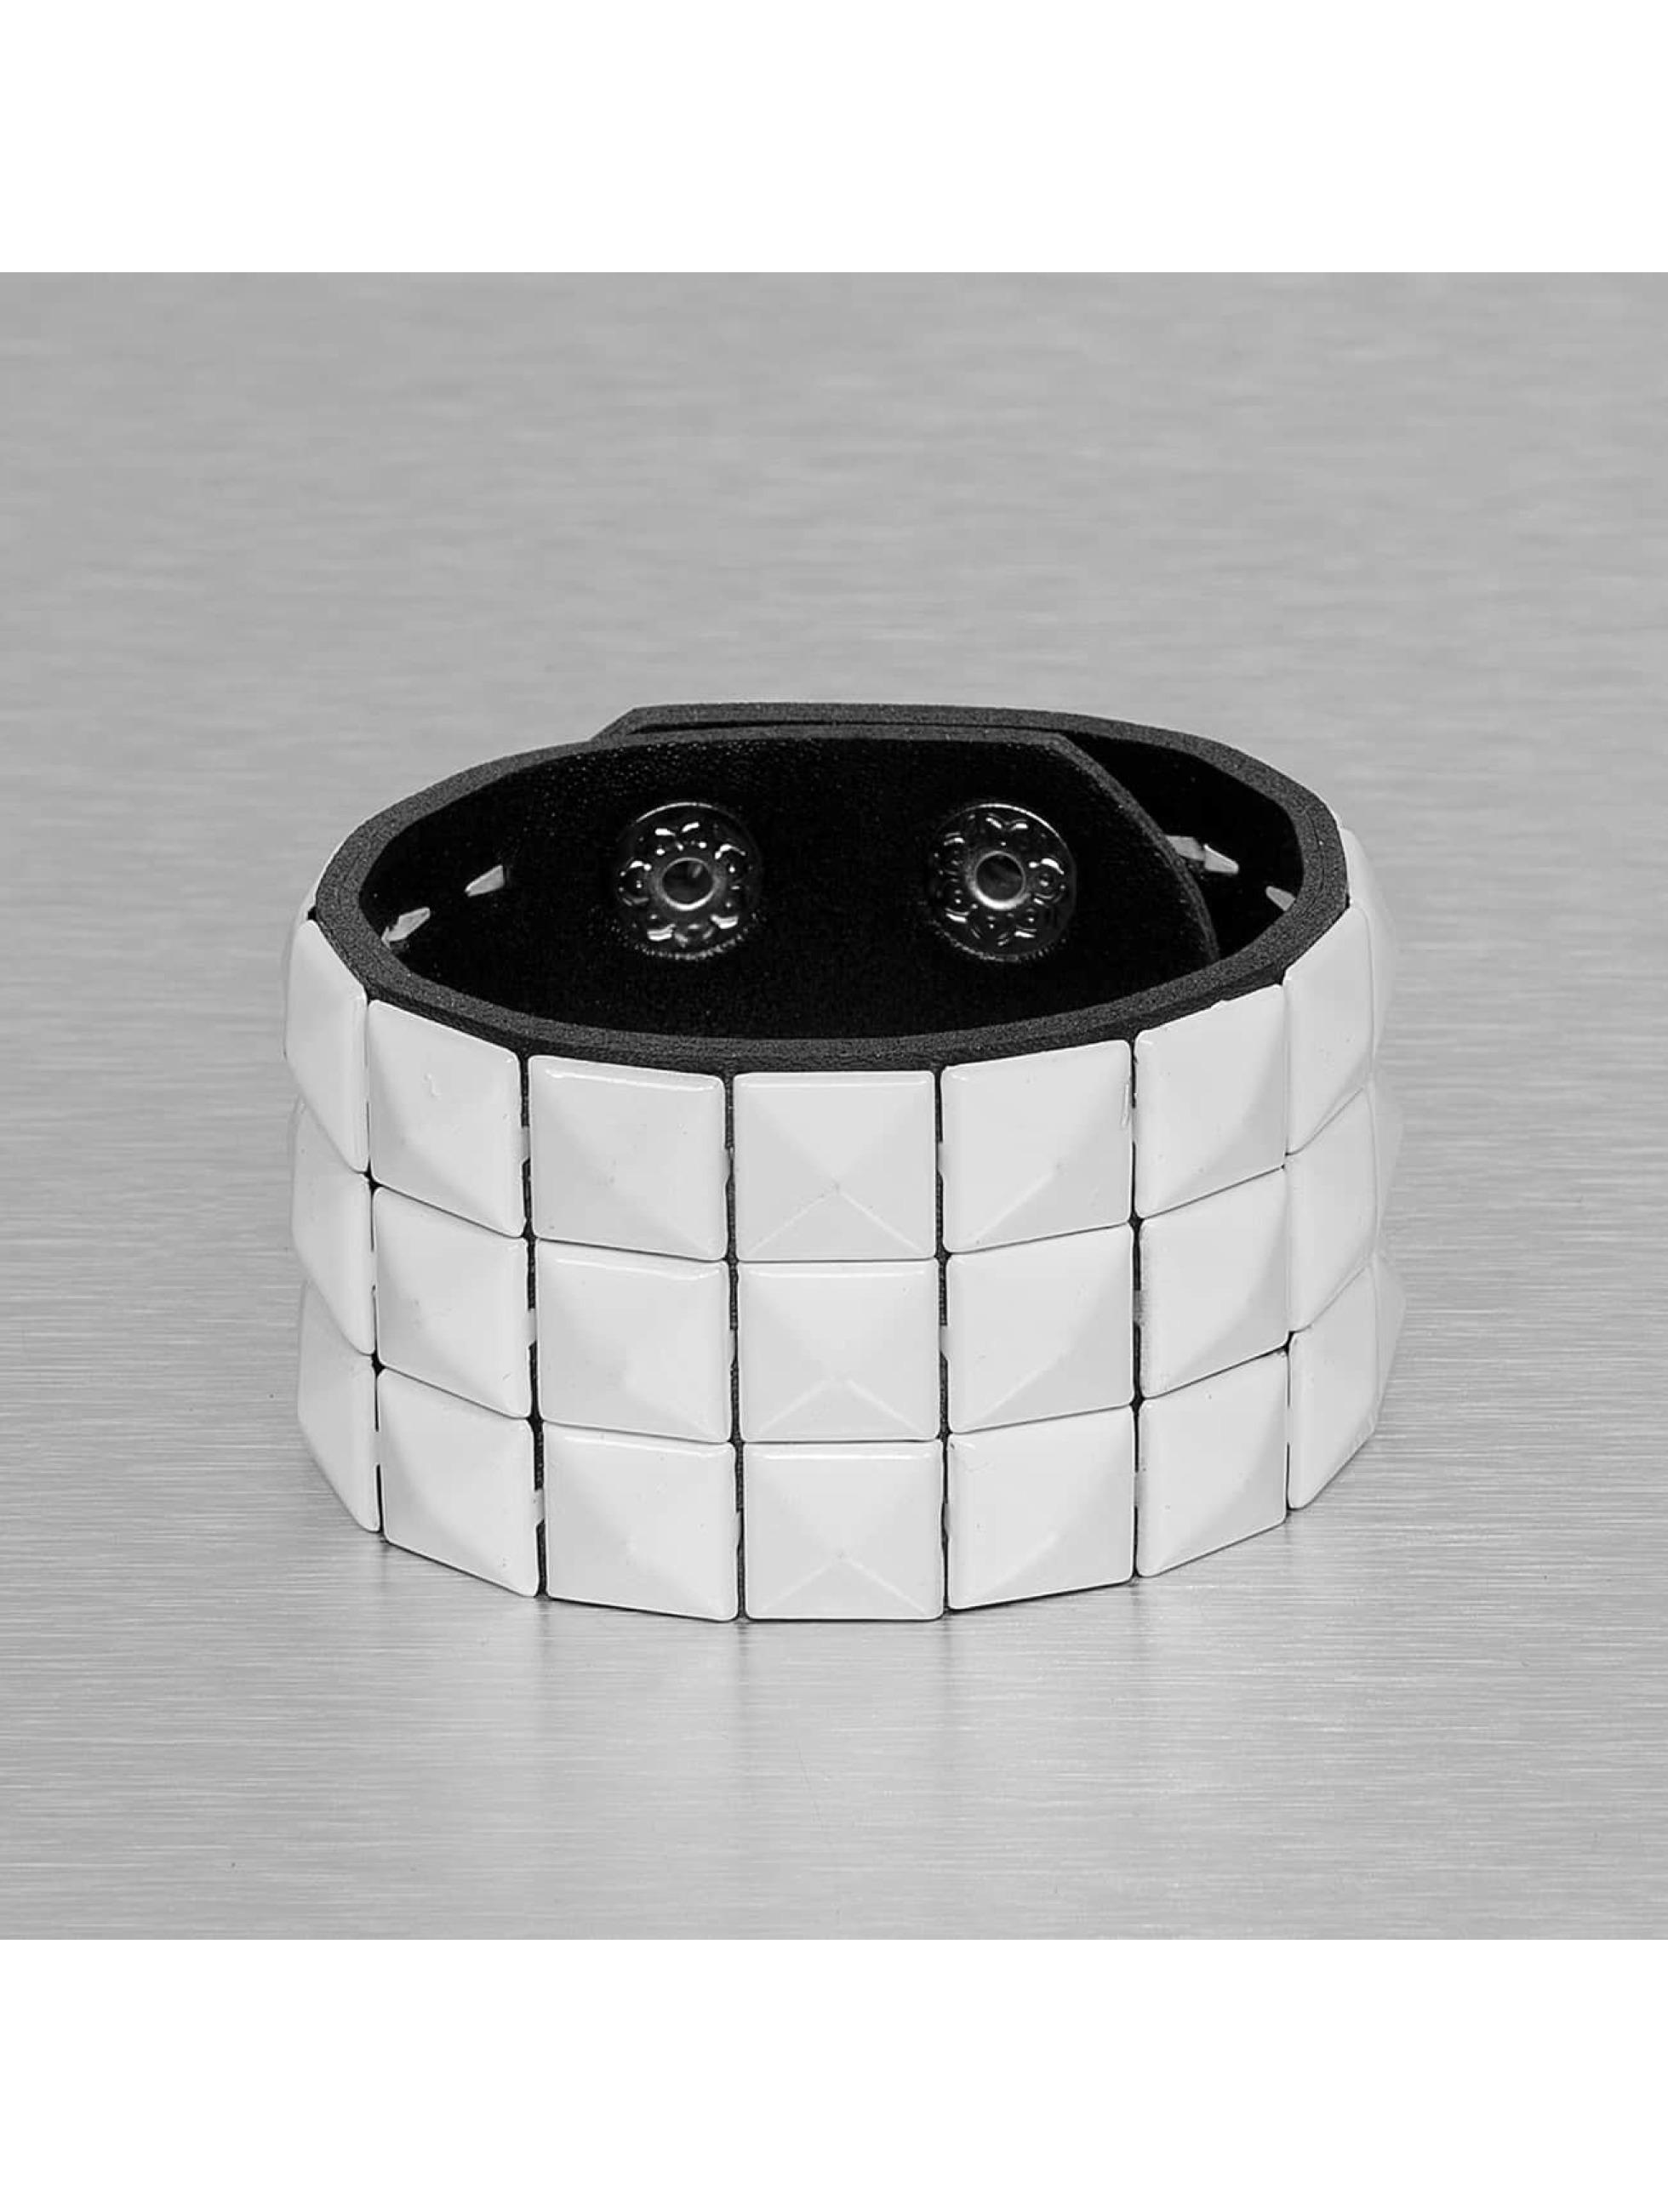 Artikel klicken und genauer betrachten! - Kaiser Jewelry 3 Row Bracelet White  – Kaiser Jewelry 3 Row Bracelet White von der Marke Kaiser Jewelry für 14.99 EUR in der Farbe weiß.   im Online Shop kaufen